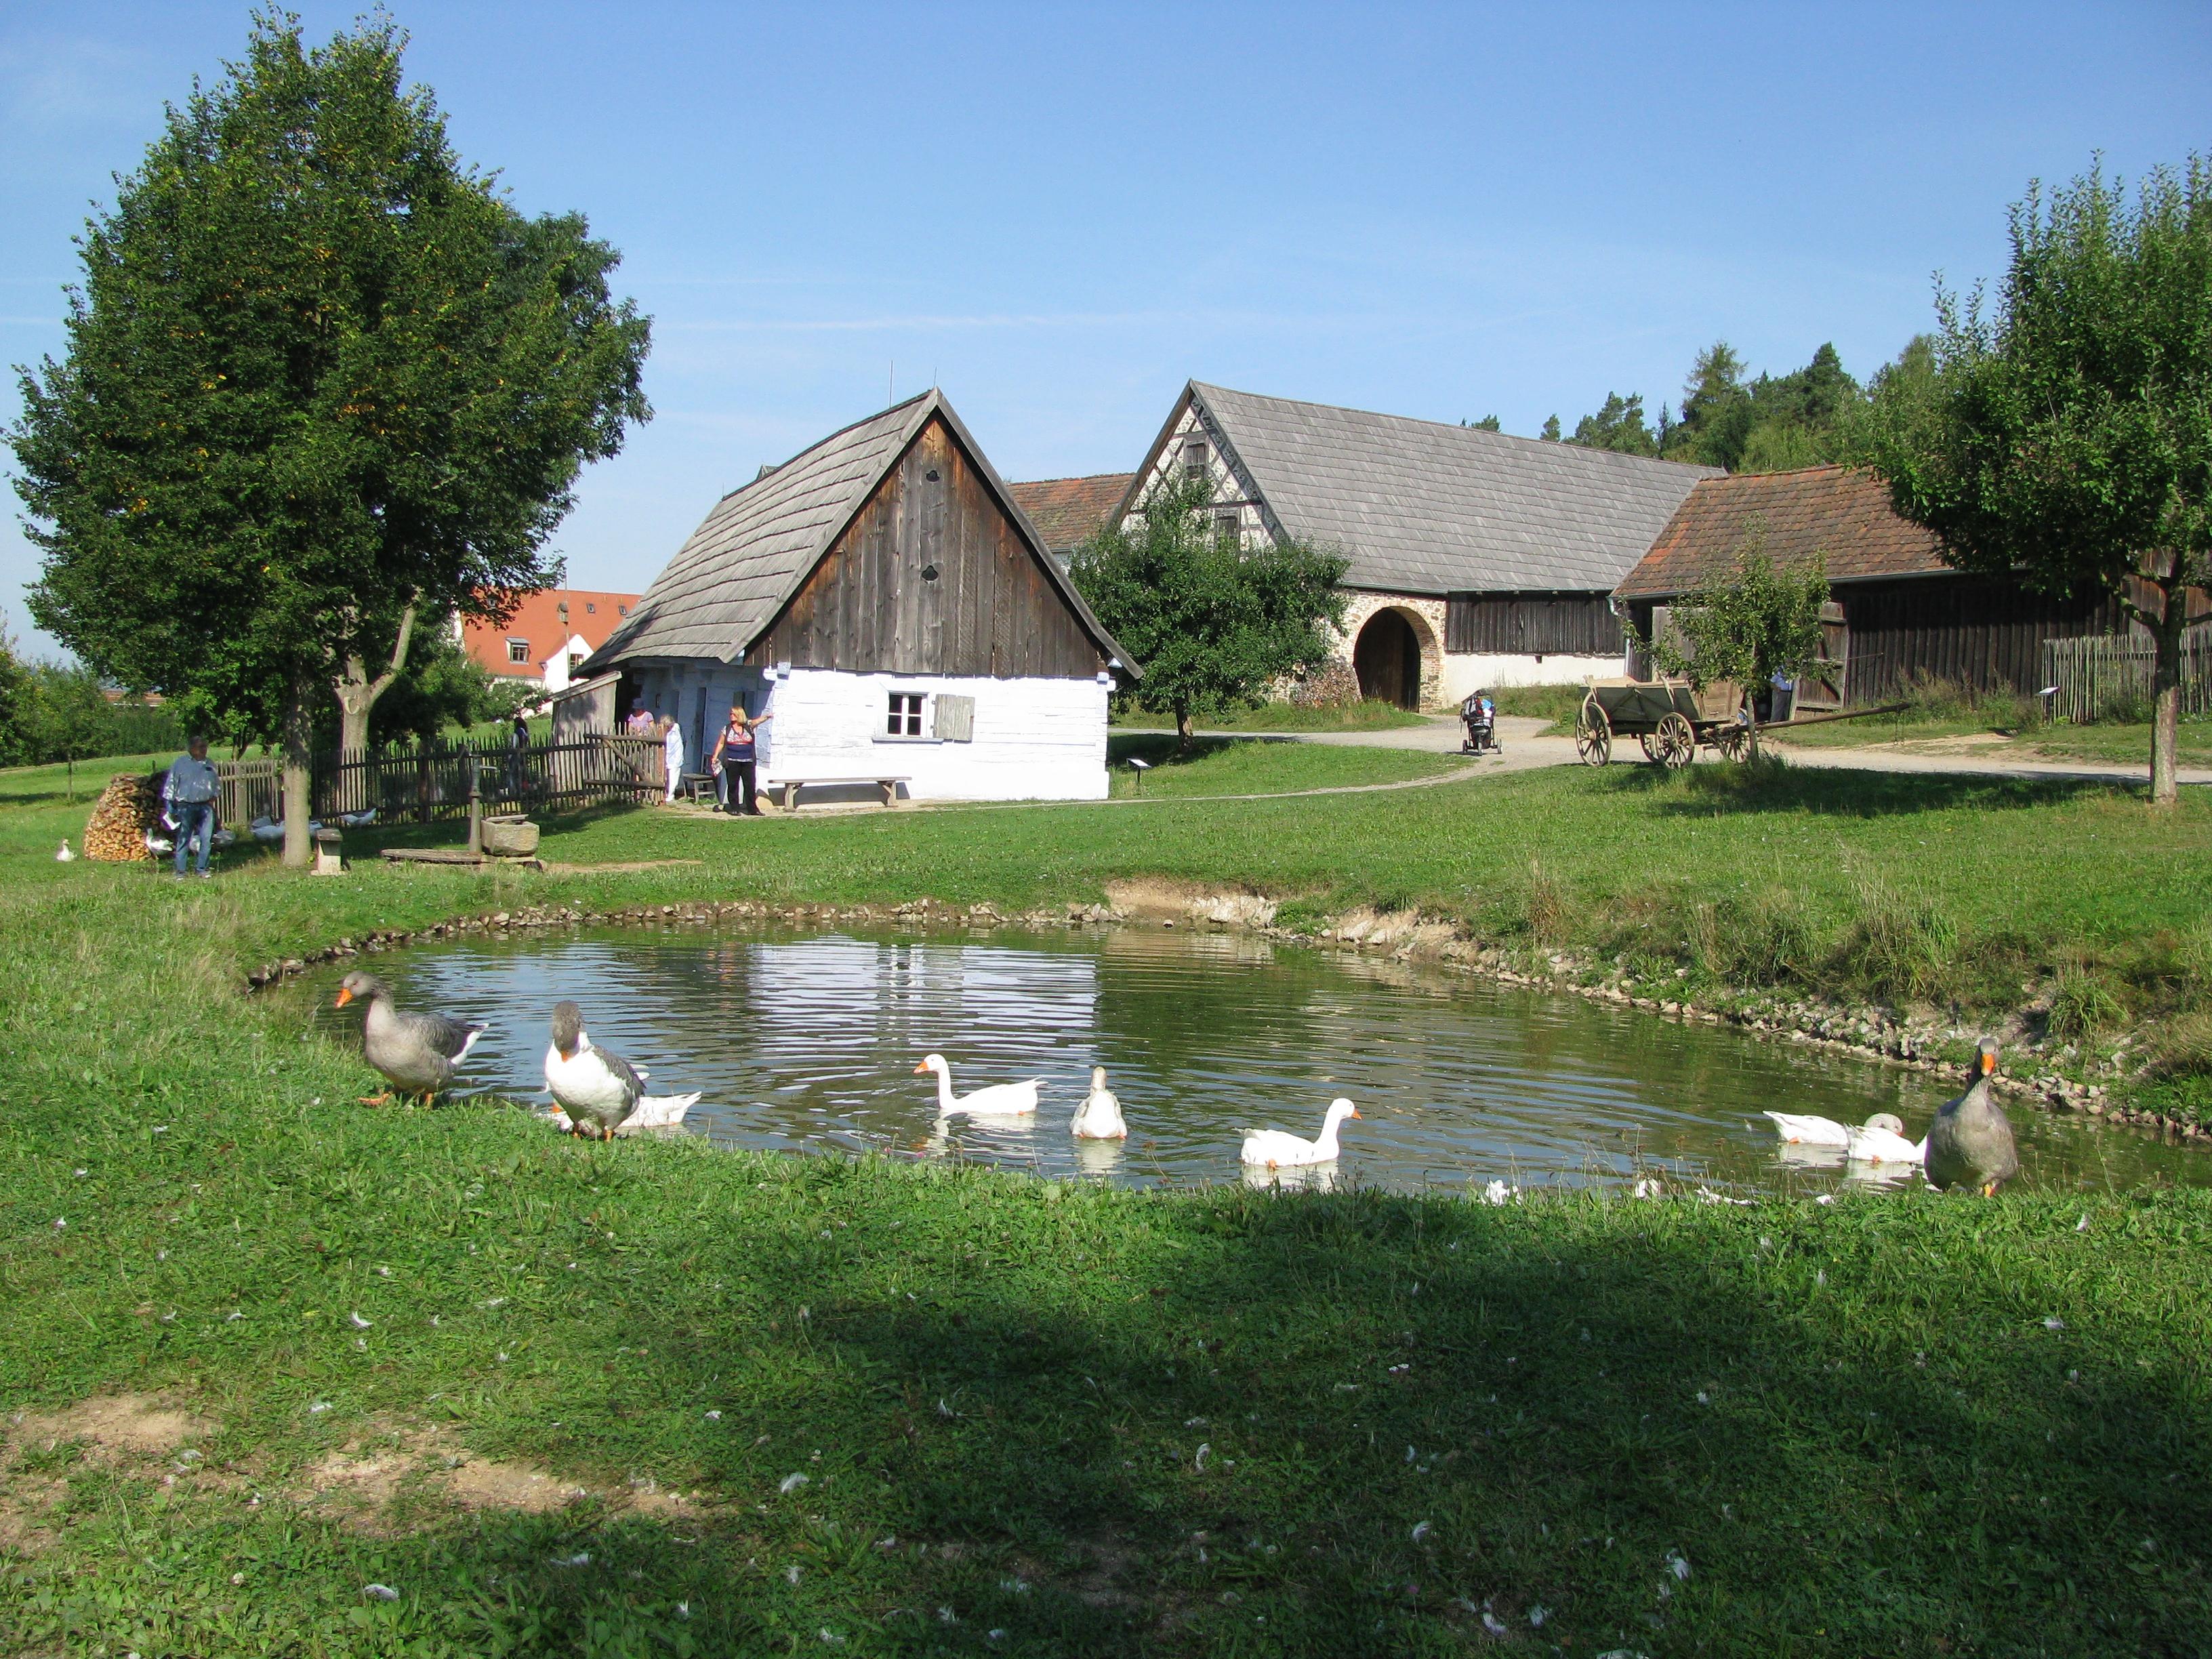 Oberpfälzer Freilandmuseum Neusath-Perschen